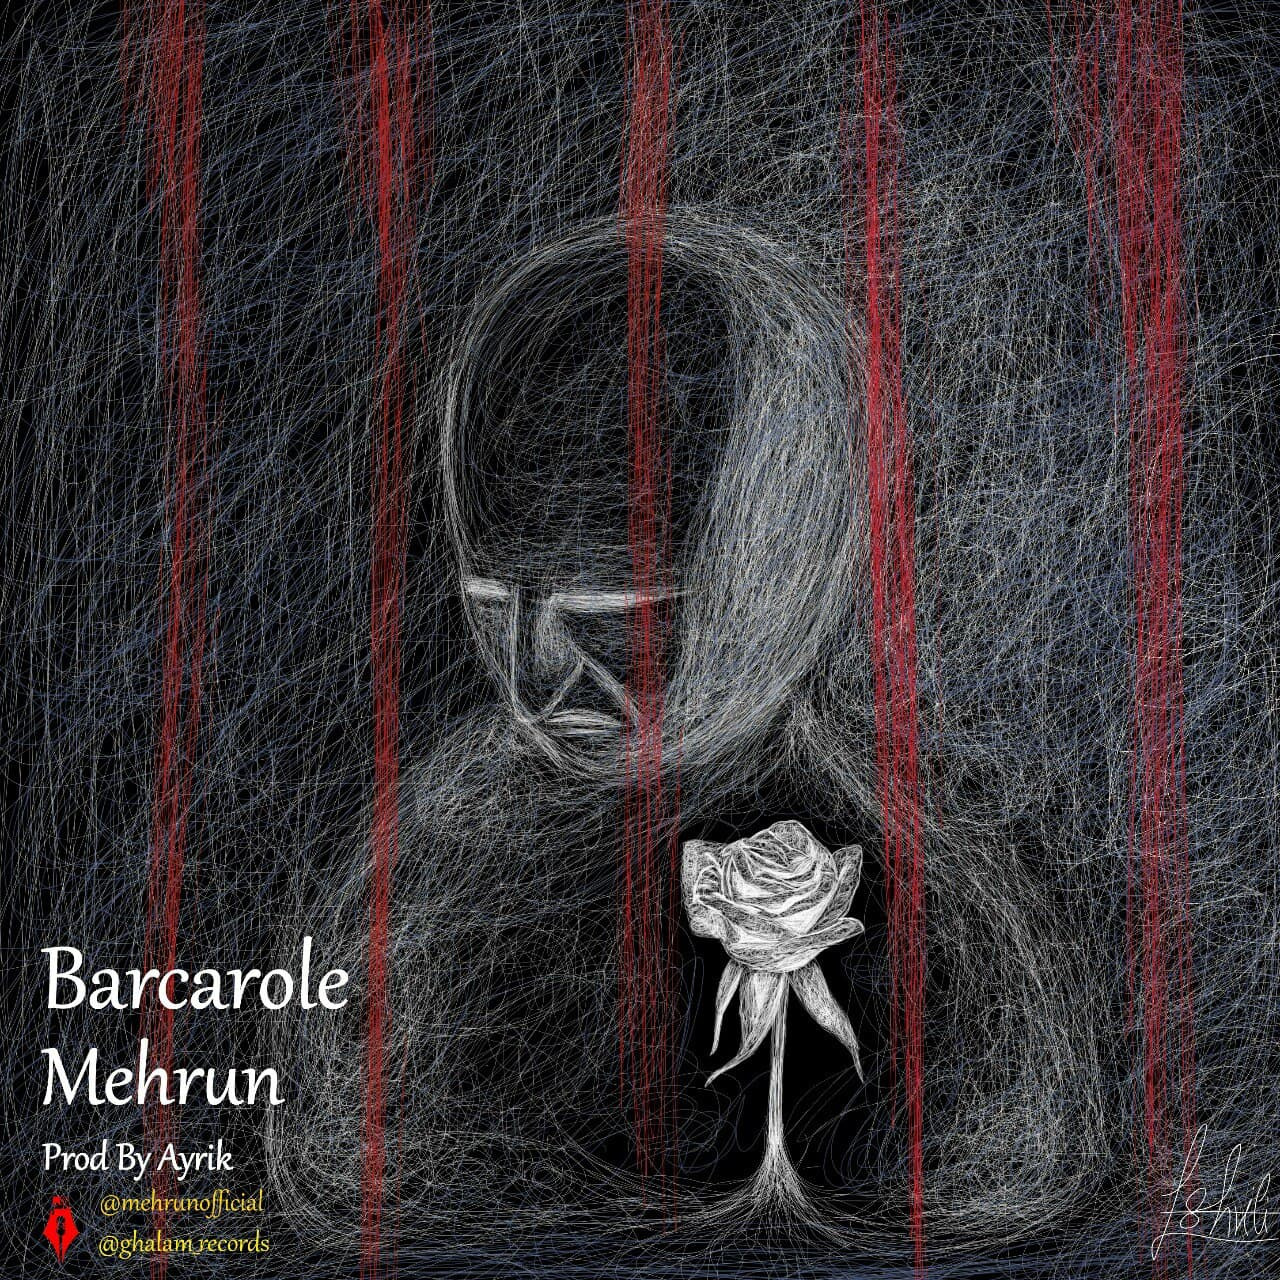 Mehrun - Barcarole